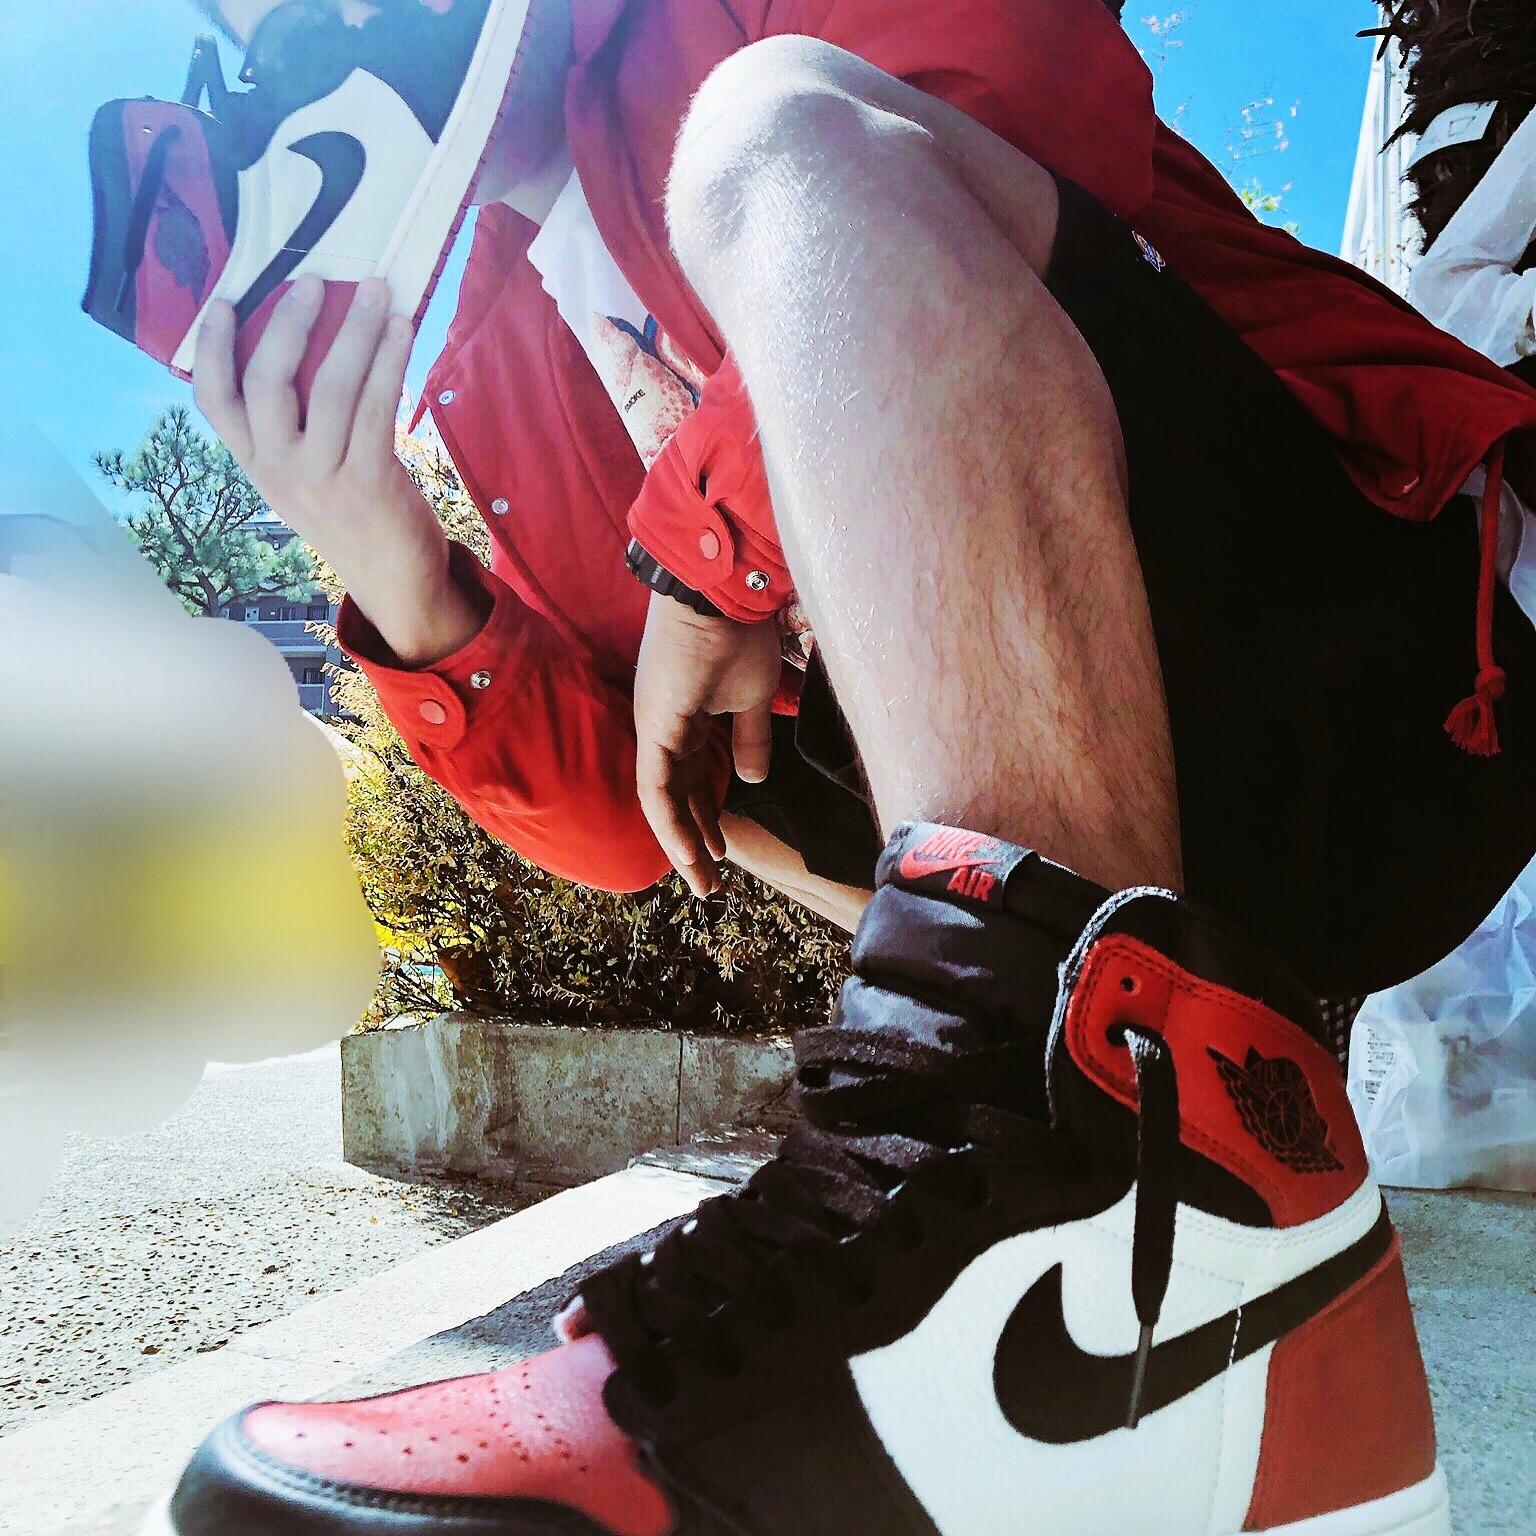 エアジョーダン1 Bred Toeはすごくかっこよくお気に入りの1足です😁履くと